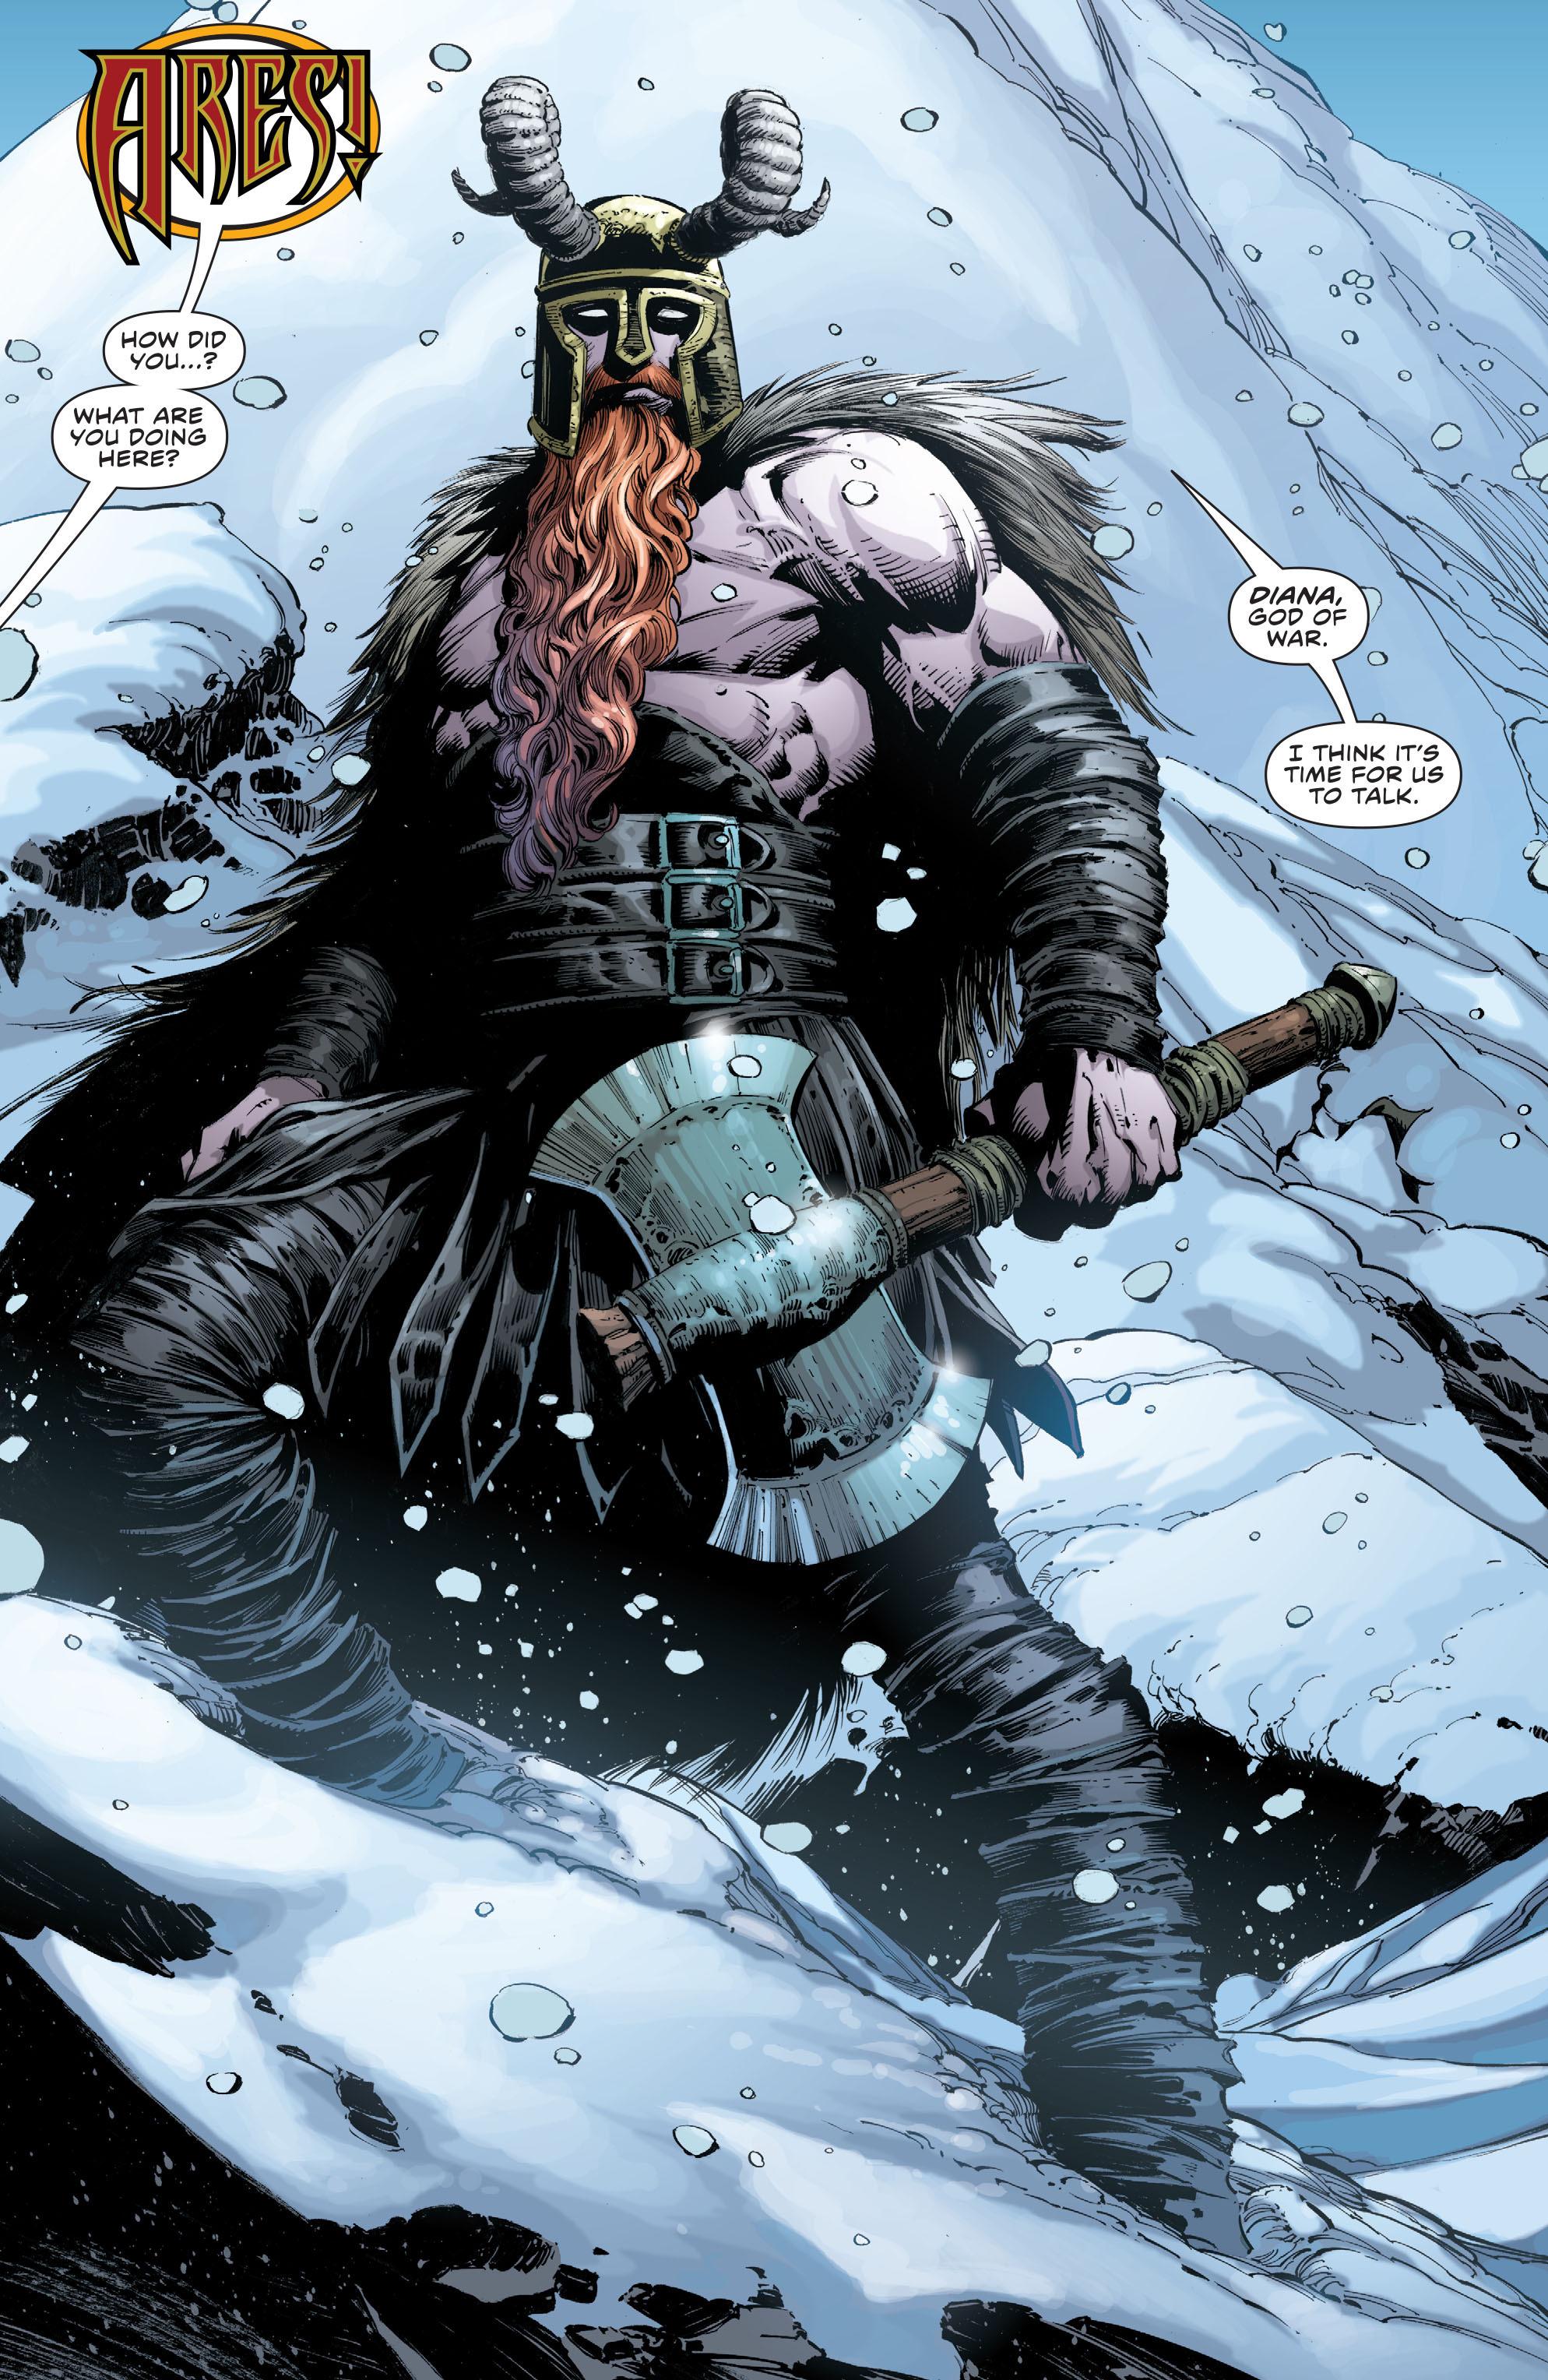 Ares musuh wonder woman